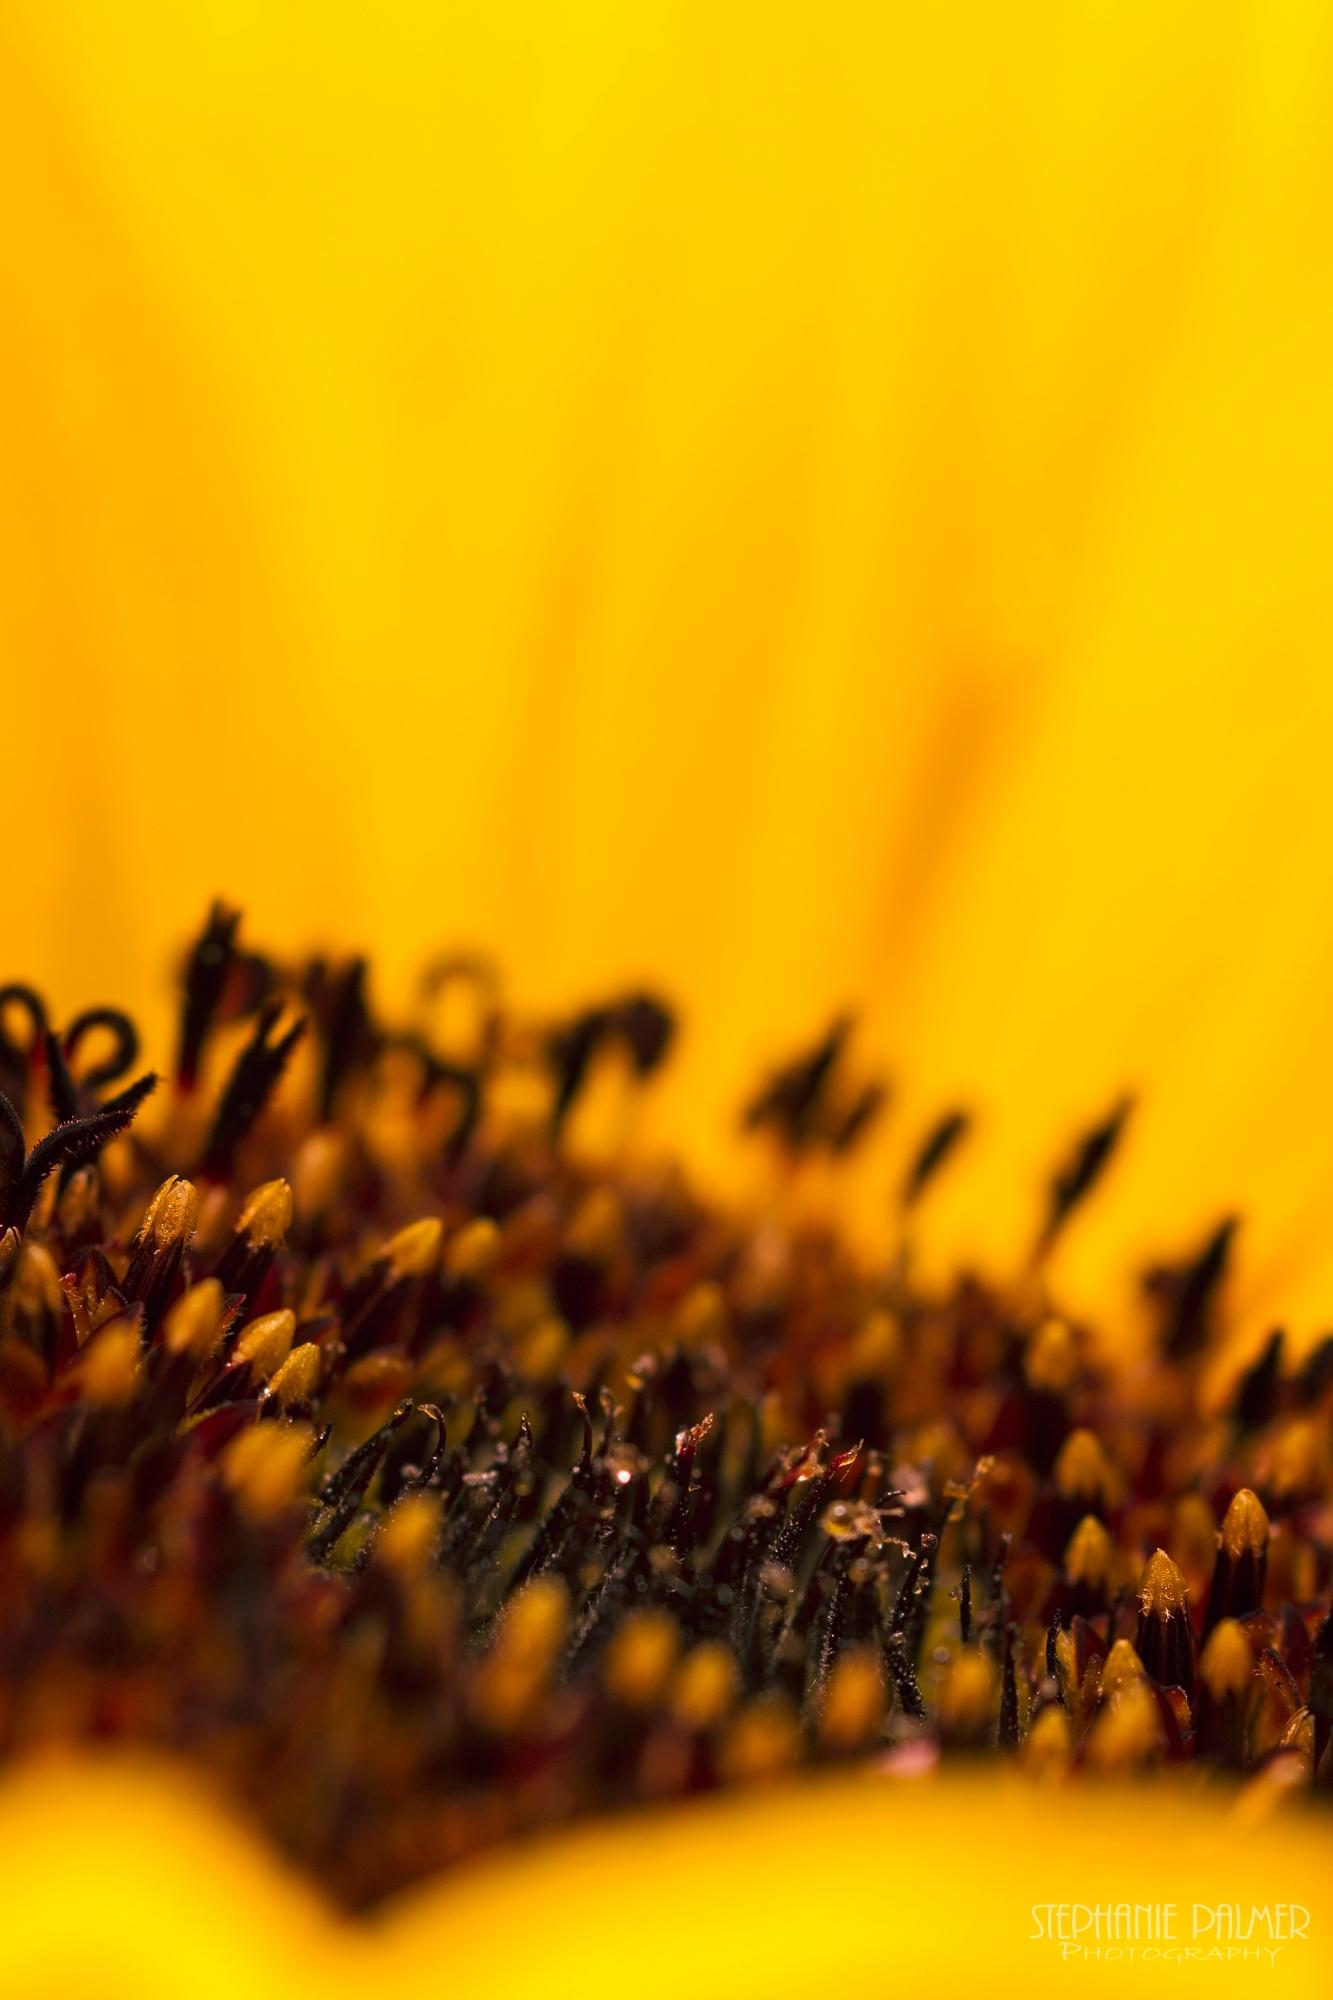 I - Sunflower Series by Stephanie Palmer